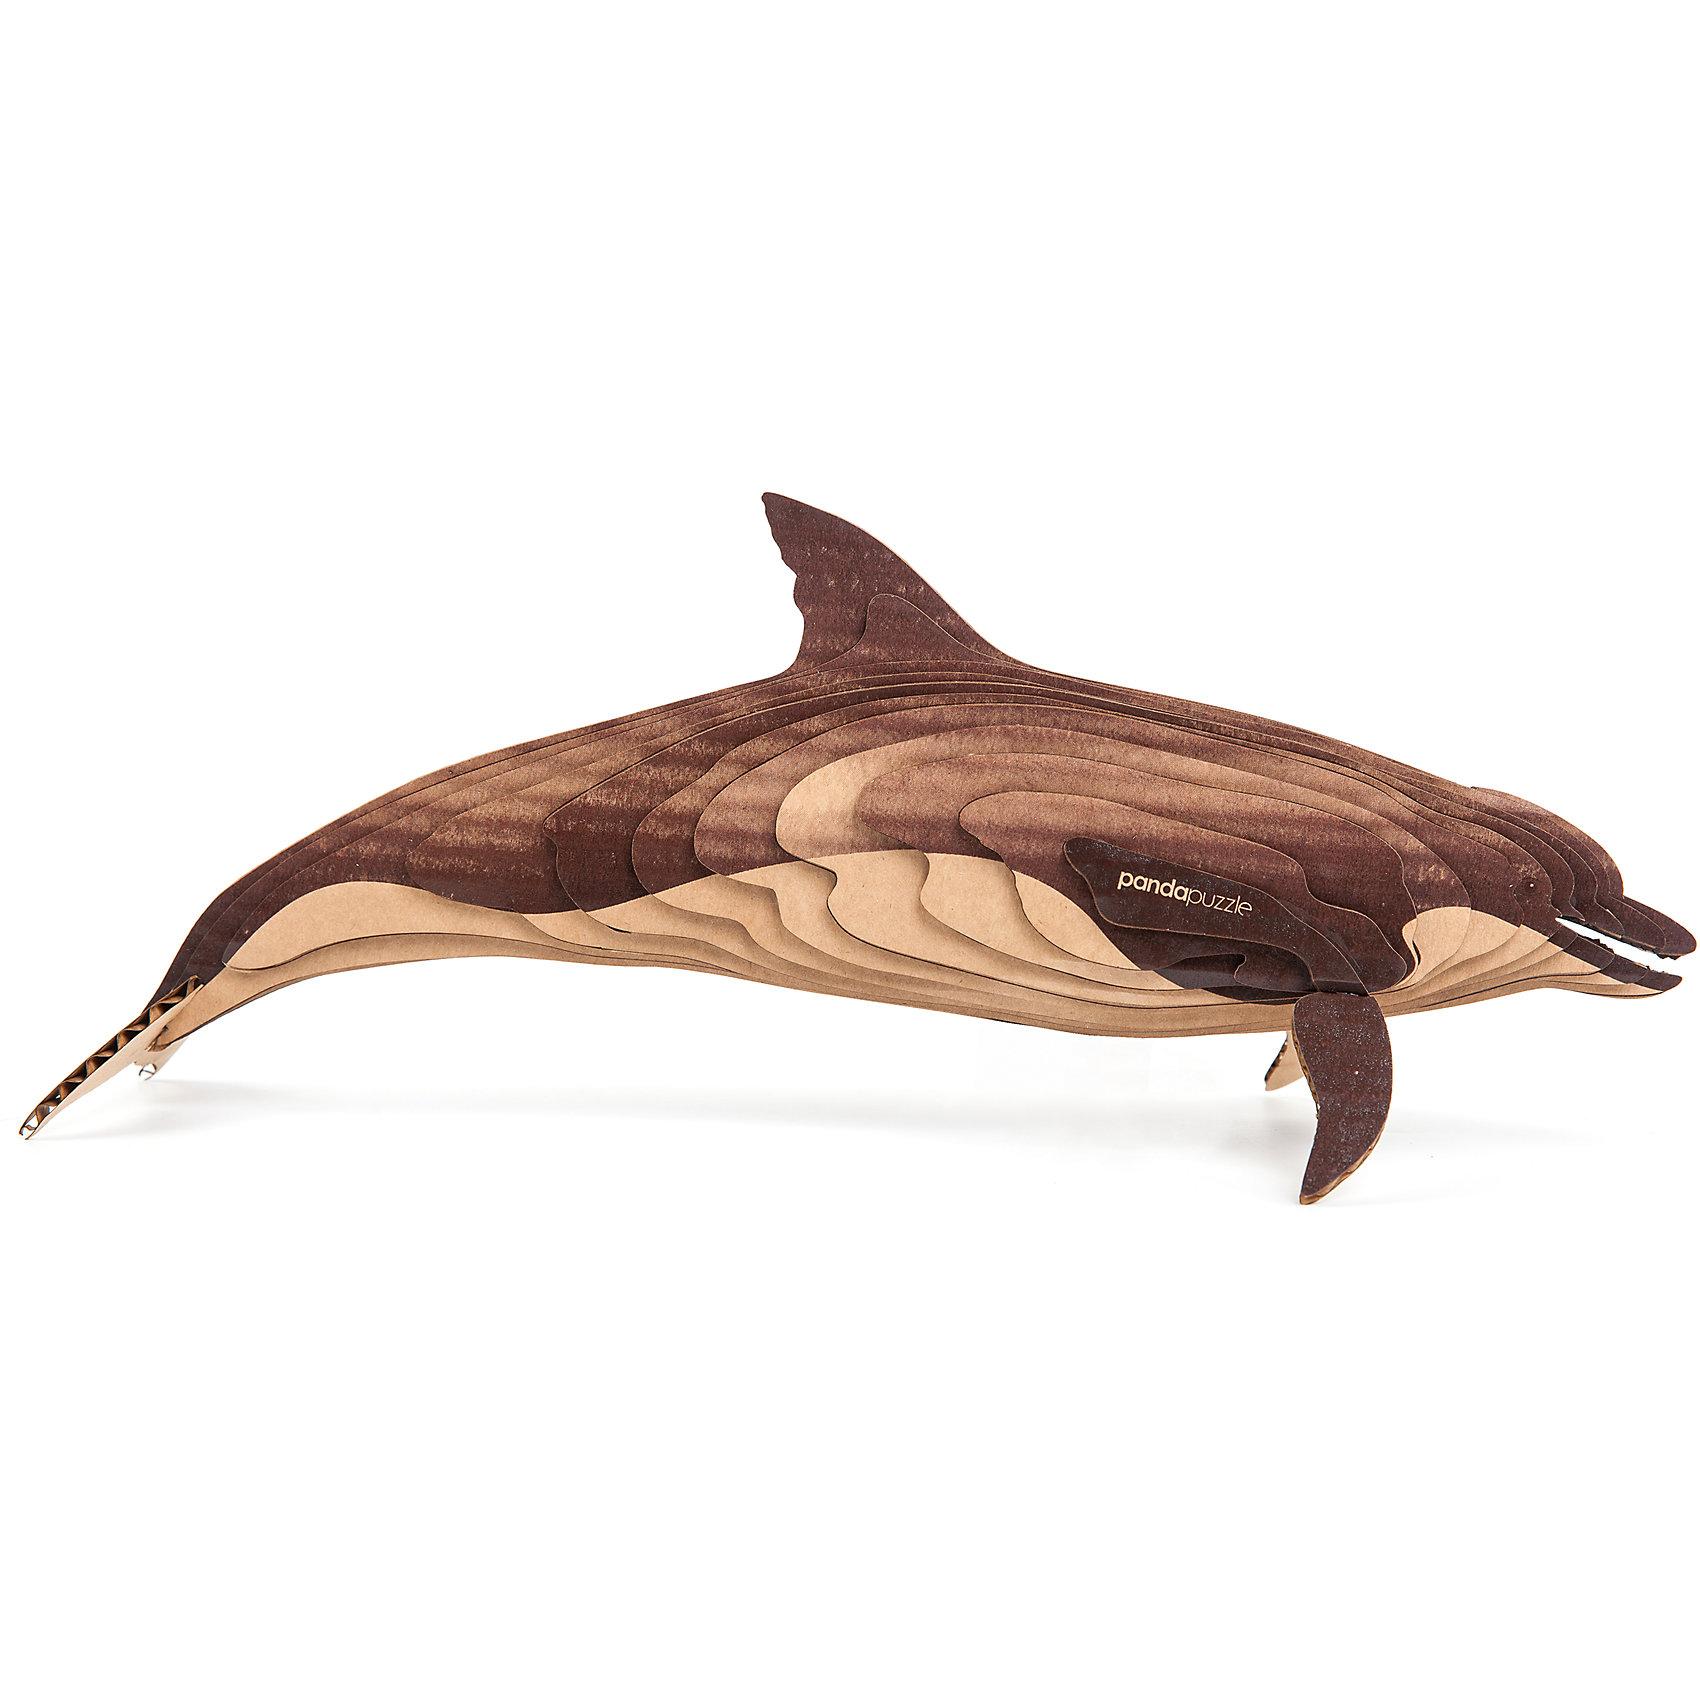 3D-Пазл «Дельфин», PandaPuzzleДеревянные пазлы<br>3D-Пазл «Дельфин», PandaPuzzle ? головоломка от отечественного торгового бренда, который специализируется на выпуске трехмерных пазлов разной тематики. Все пазлы от PandaPuzzle выполнены из экологически безопасных материалов, имеют продуманный и реалистичный дизайн моделей. Выполненные из гофрокартона детали пазла отличаются легким весом и высокими физическими качествами: плотностью и жесткостью. Модель собирается в технике объемного квиллинга, что подразумевает склеивание деталей пазла между собой.  Собирая модели в данной технике, у ребенка развивается логическое мышление и мелкая моторика рук, тренируется зрительная память и внимательность. В каждый набор входит клей для склеивания деталей и инструкция по сбору модели. <br>3D-Пазл «Дельфин», PandaPuzzle упакован в стилизованную картонную коробку.<br><br>Дополнительная информация:<br><br>- Вид игр: игры-головоломки, сюжетно-ролевые<br>- Предназначение: для дома, для развивающих центров, для центров дополнительного образования<br>- Материал: гофрокартон<br>- Комплектация: 23 детали, клей, инструкция<br>- Размер (Д*Ш*В): 43,5*6,7*26,5 см<br>- Вес: 450 г <br>- Пол: для мальчика/для девочки<br>- Особенности ухода: разрешается сухая чистка собранной модели<br><br>Подробнее:<br><br>• Для детей в возрасте: от 5 лет и до 16 лет<br>• Страна производитель: Россия<br>• Торговый бренд: PandaPuzzle<br><br>3D-Пазл «Дельфин», PandaPuzzle можно купить в нашем интернет-магазине.<br><br>Ширина мм: 435<br>Глубина мм: 67<br>Высота мм: 265<br>Вес г: 450<br>Возраст от месяцев: 60<br>Возраст до месяцев: 192<br>Пол: Унисекс<br>Возраст: Детский<br>SKU: 4932389